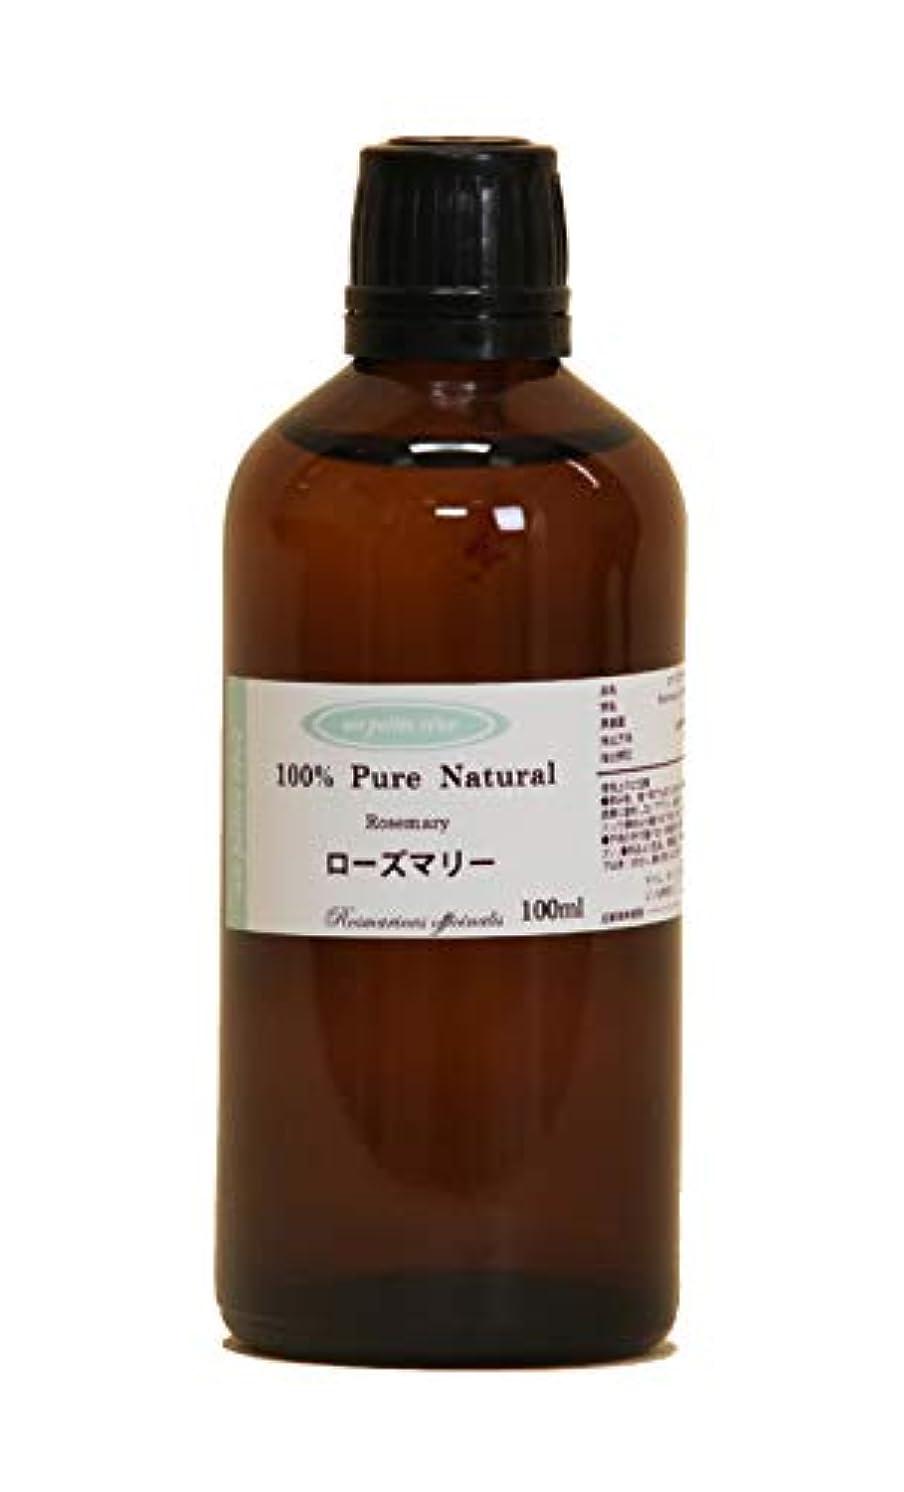 解明する協同コーヒーローズマリー 100ml 100%天然アロマエッセンシャルオイル(精油)